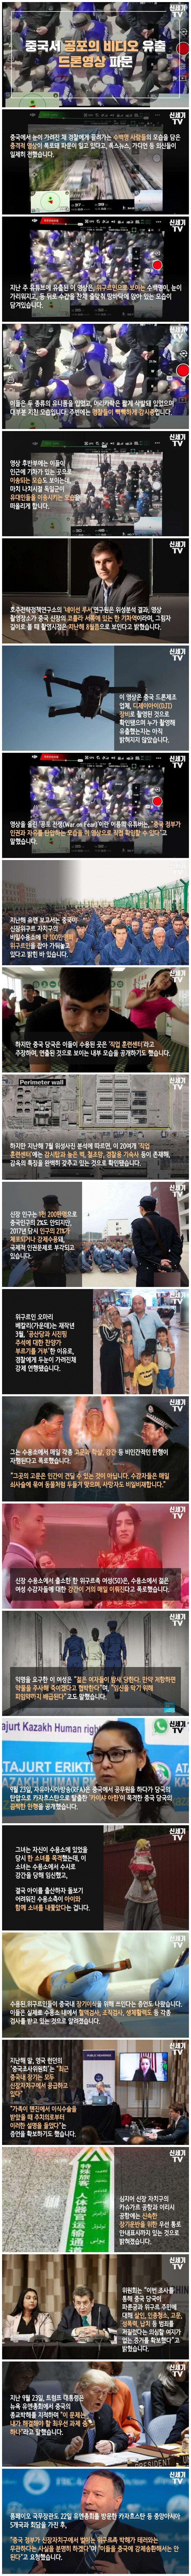 공포의 비디오 유출..in china